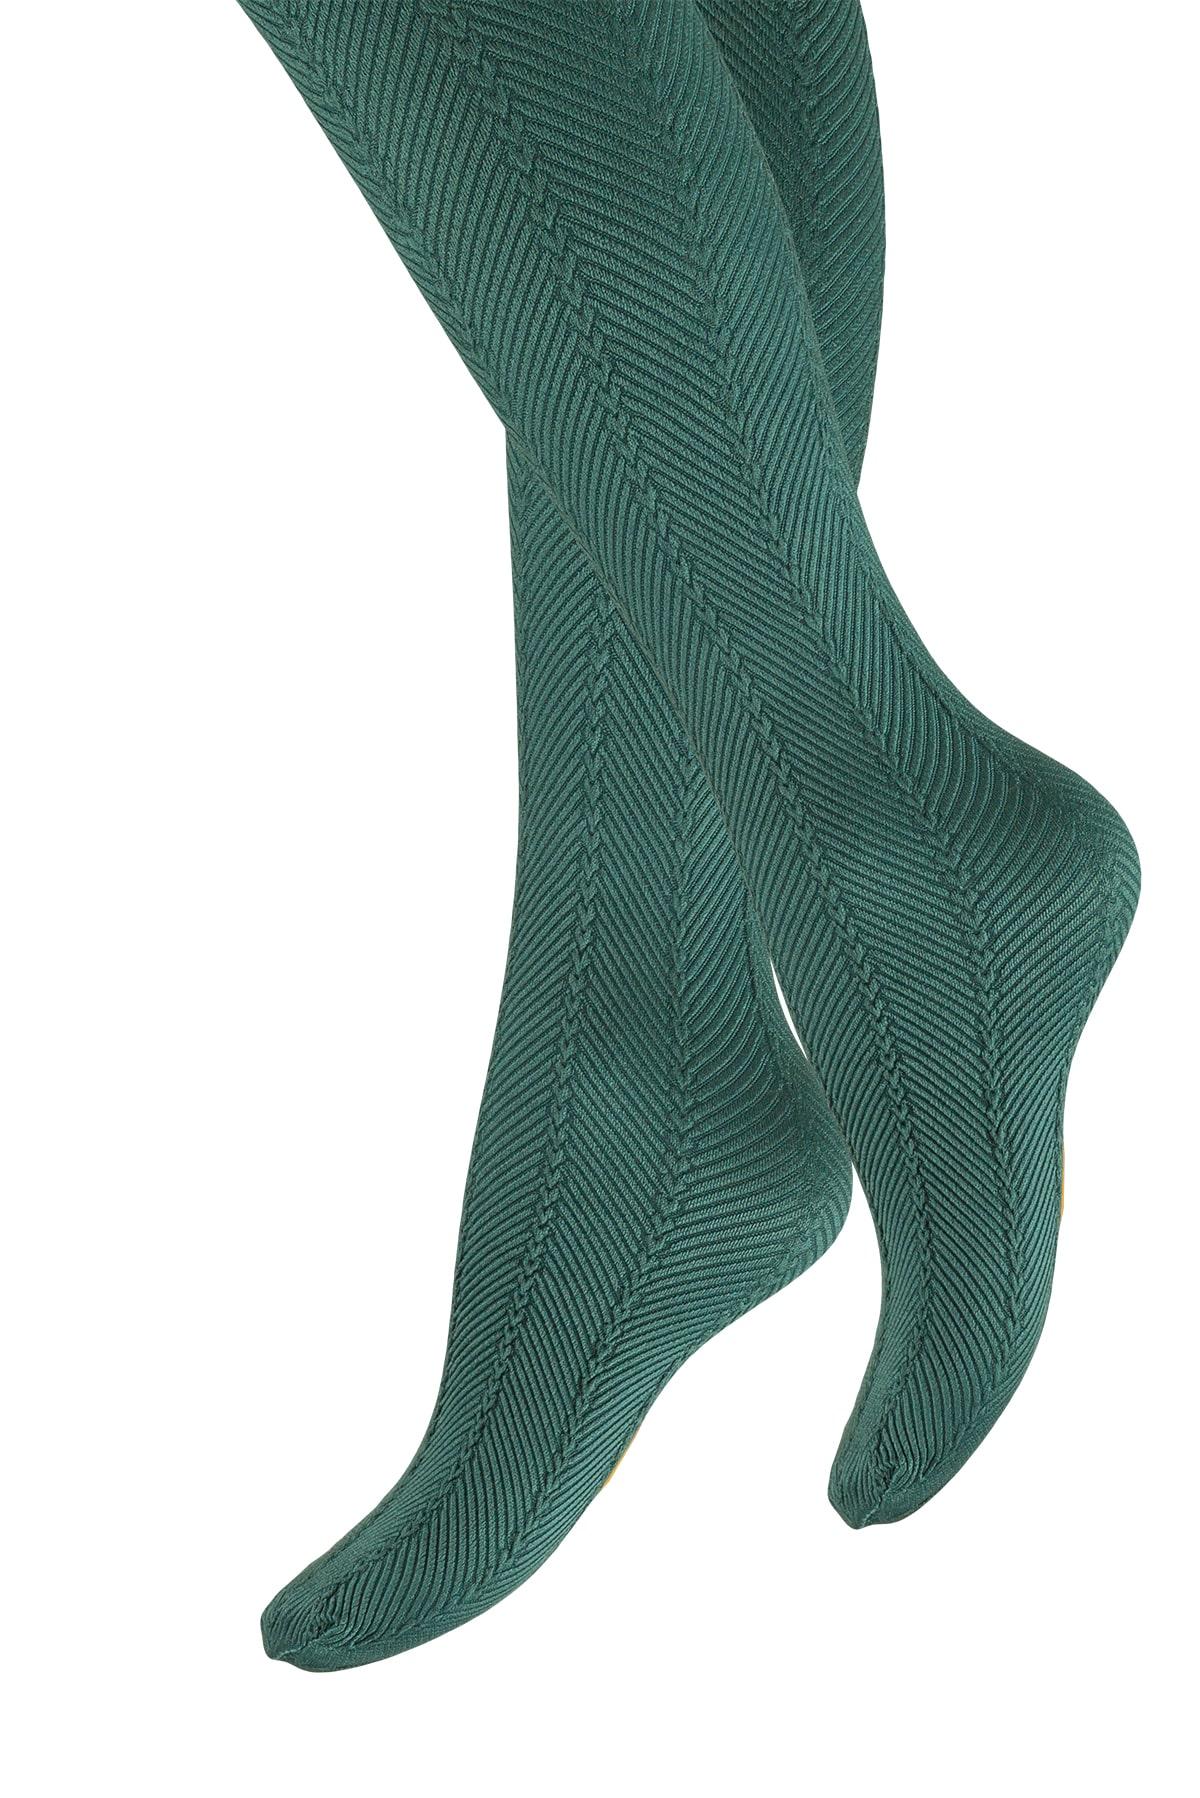 پنتی | Penti - جوراب شلواری دخترانه طرح Mira رنگ زمردی